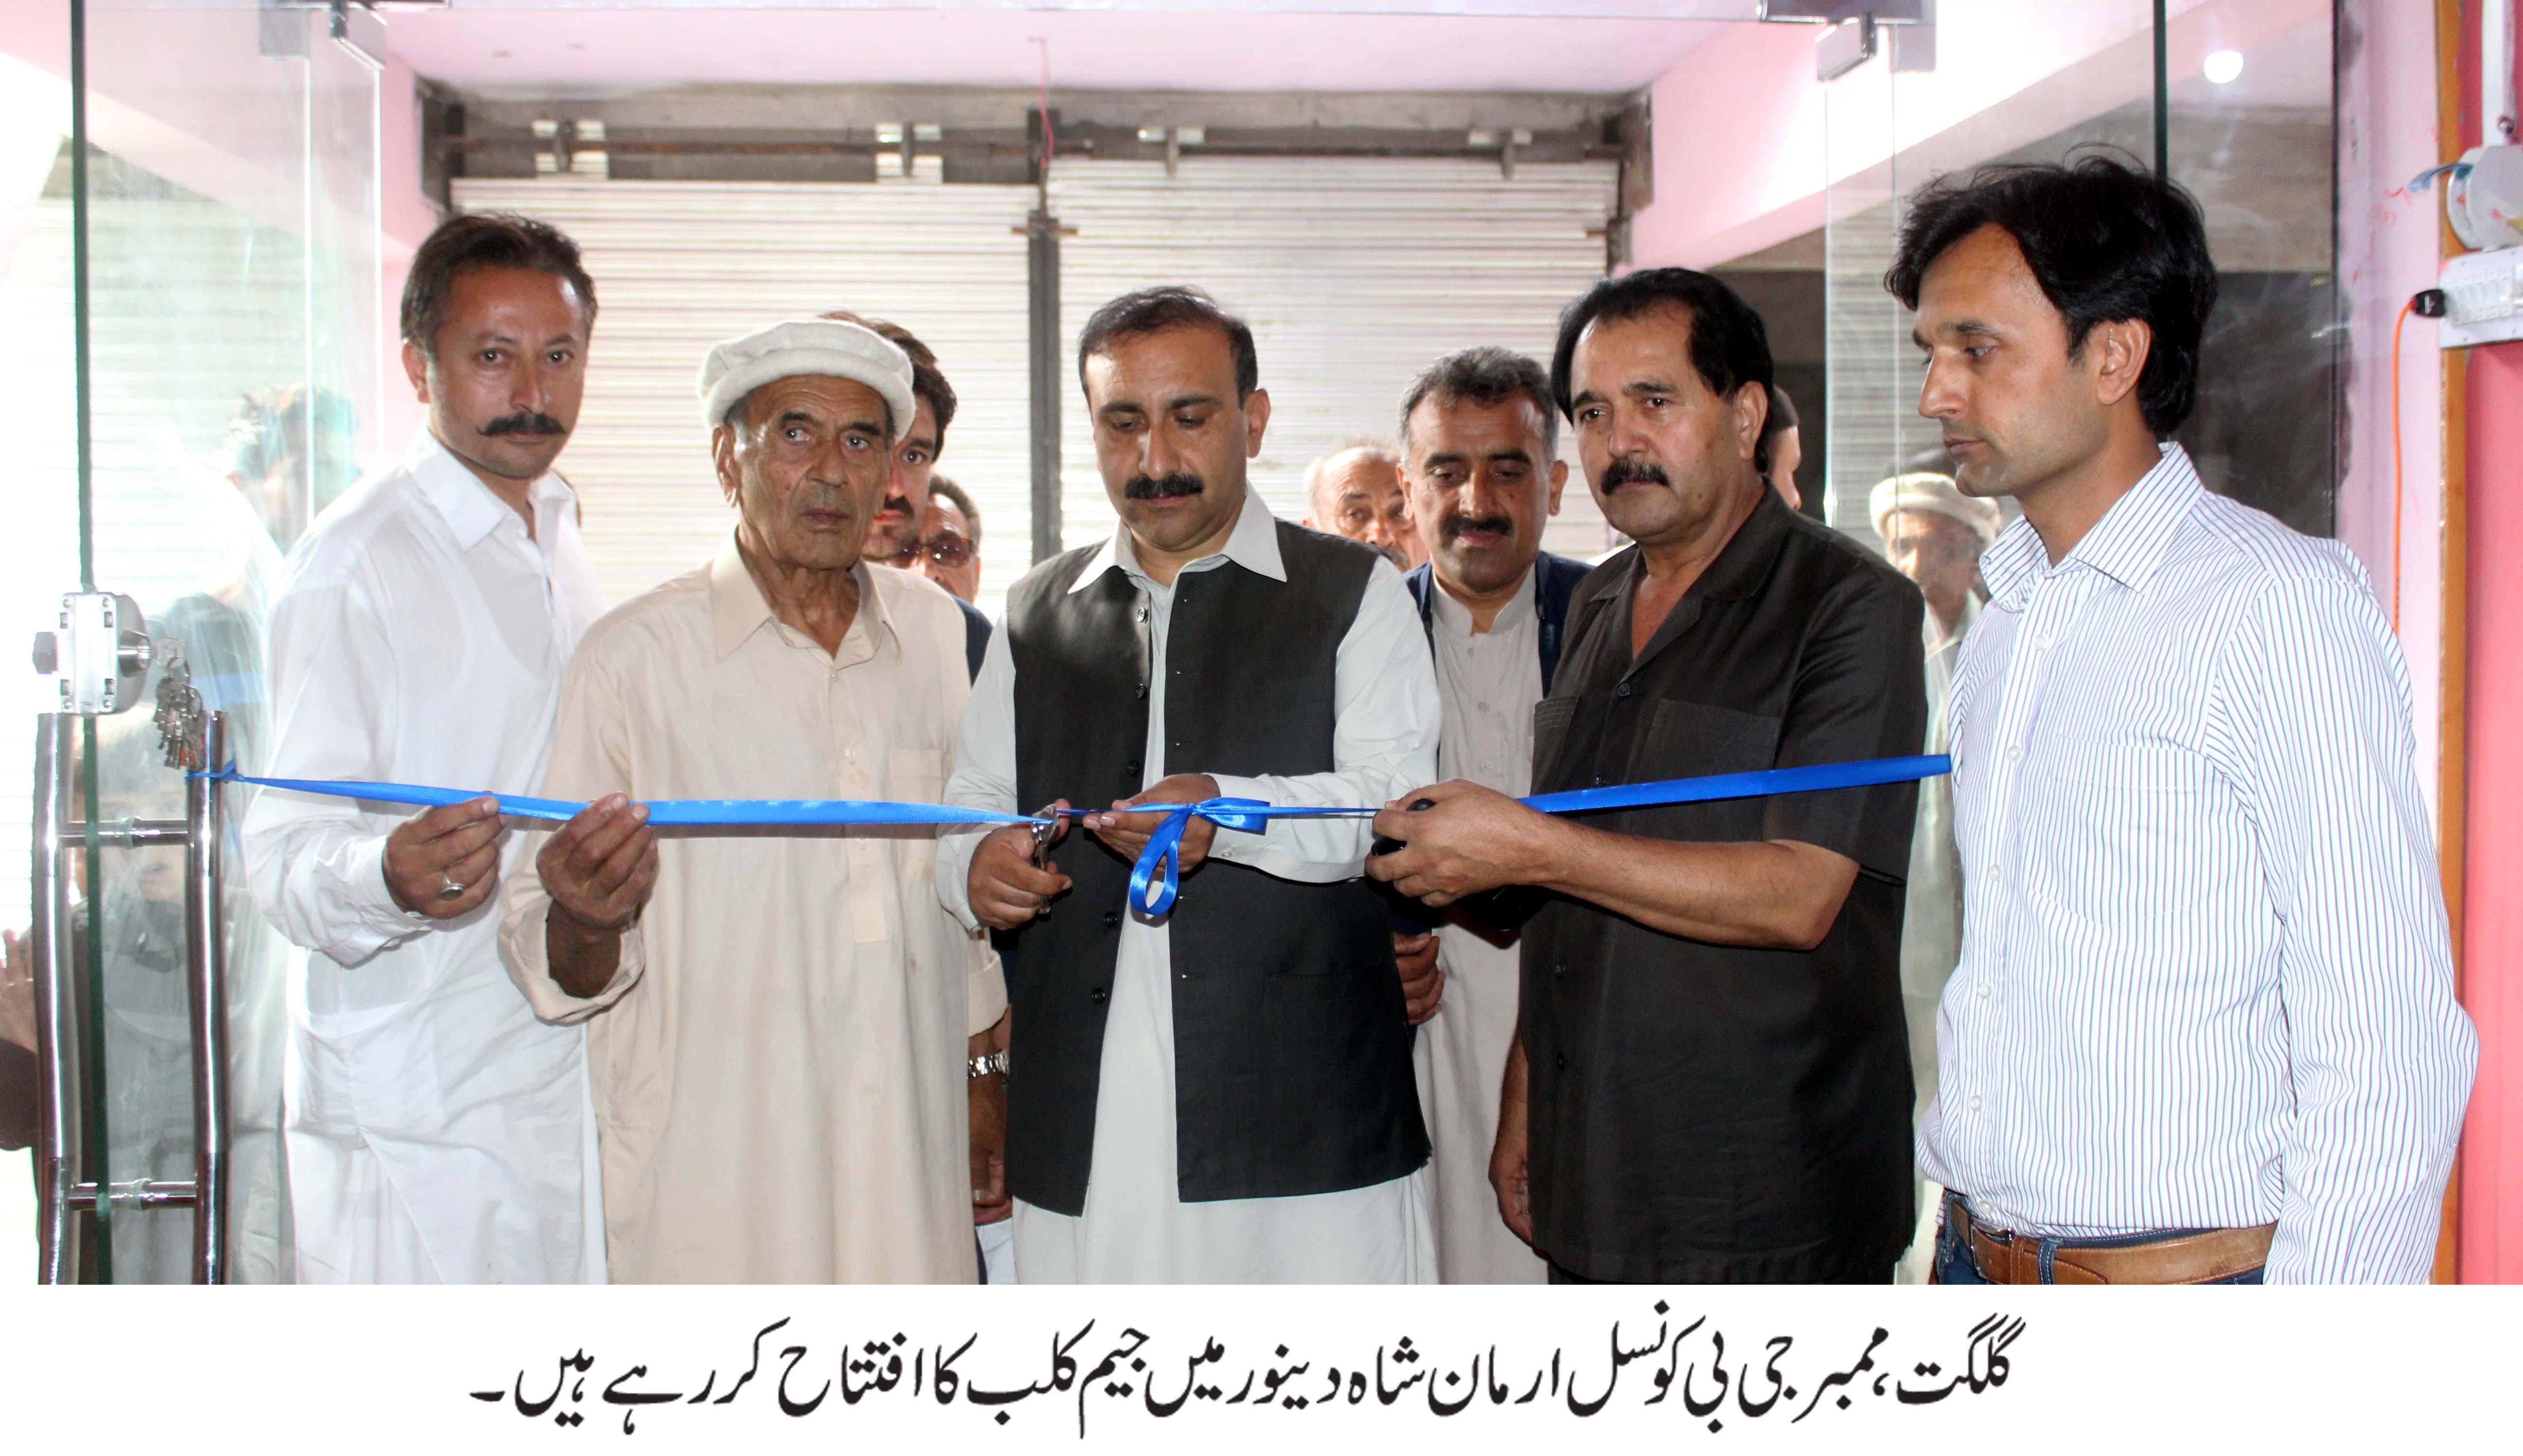 سلطان آباد دنیور میں جدید طرز کا سٹیدیم جلد تعمیر کیا جائے گا، ارمان شاہ رُکنِ گلگت بلتستان کونسل